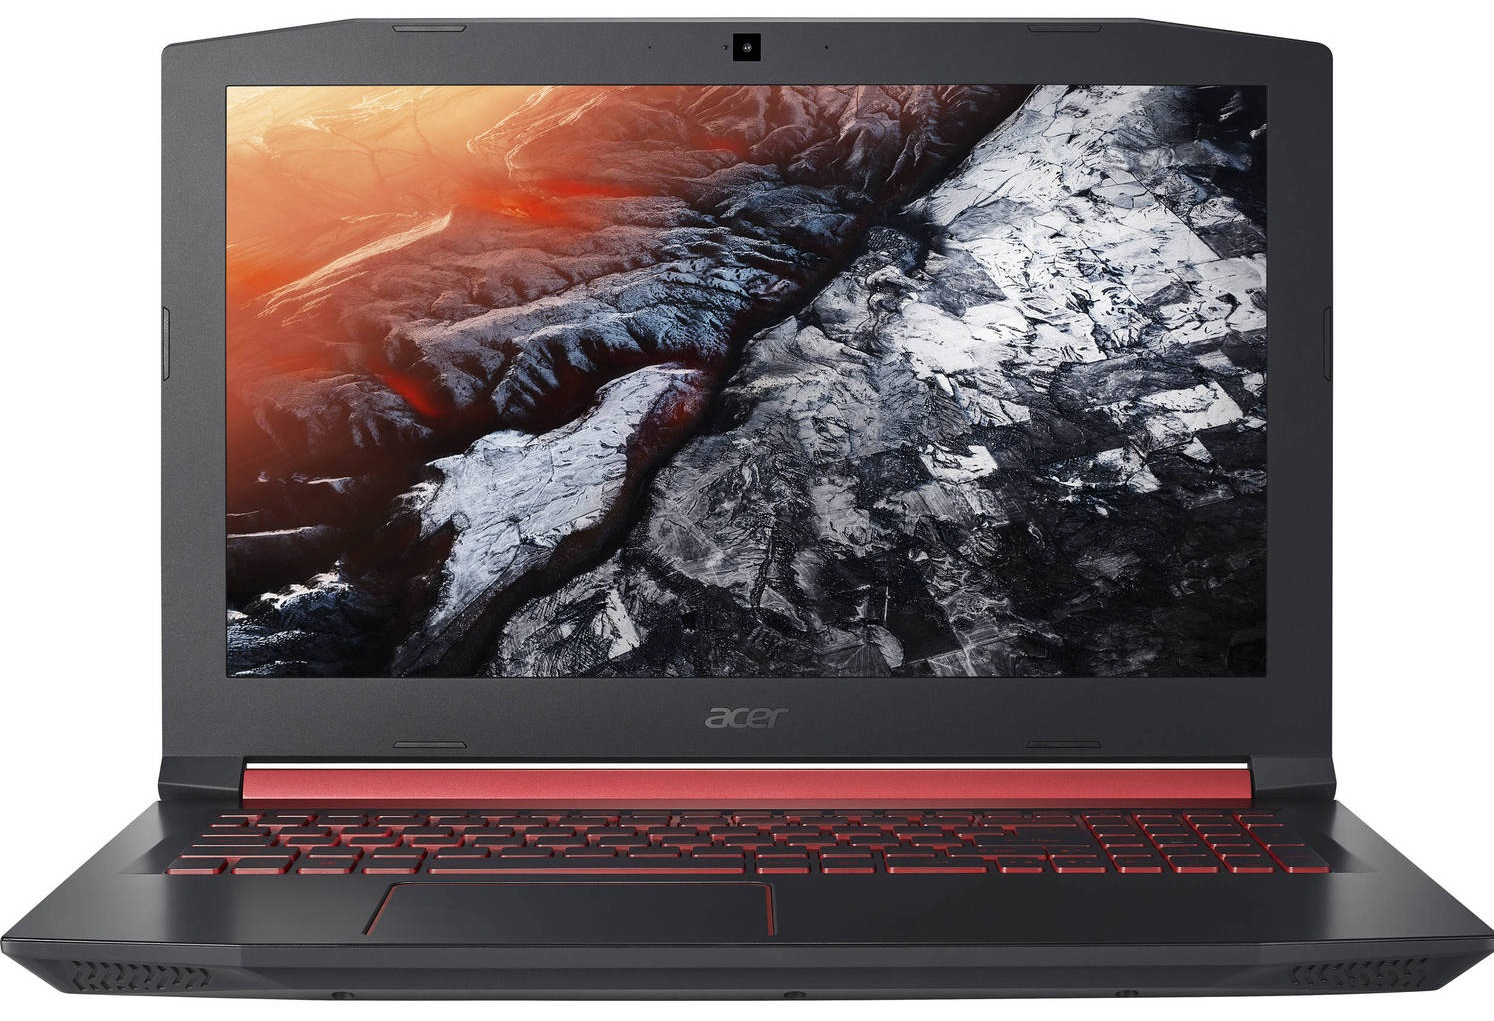 Купить Ноутбуки, Ноутбук Acer Nitro 5 AN515-52 NH.Q3LEU.035 Black